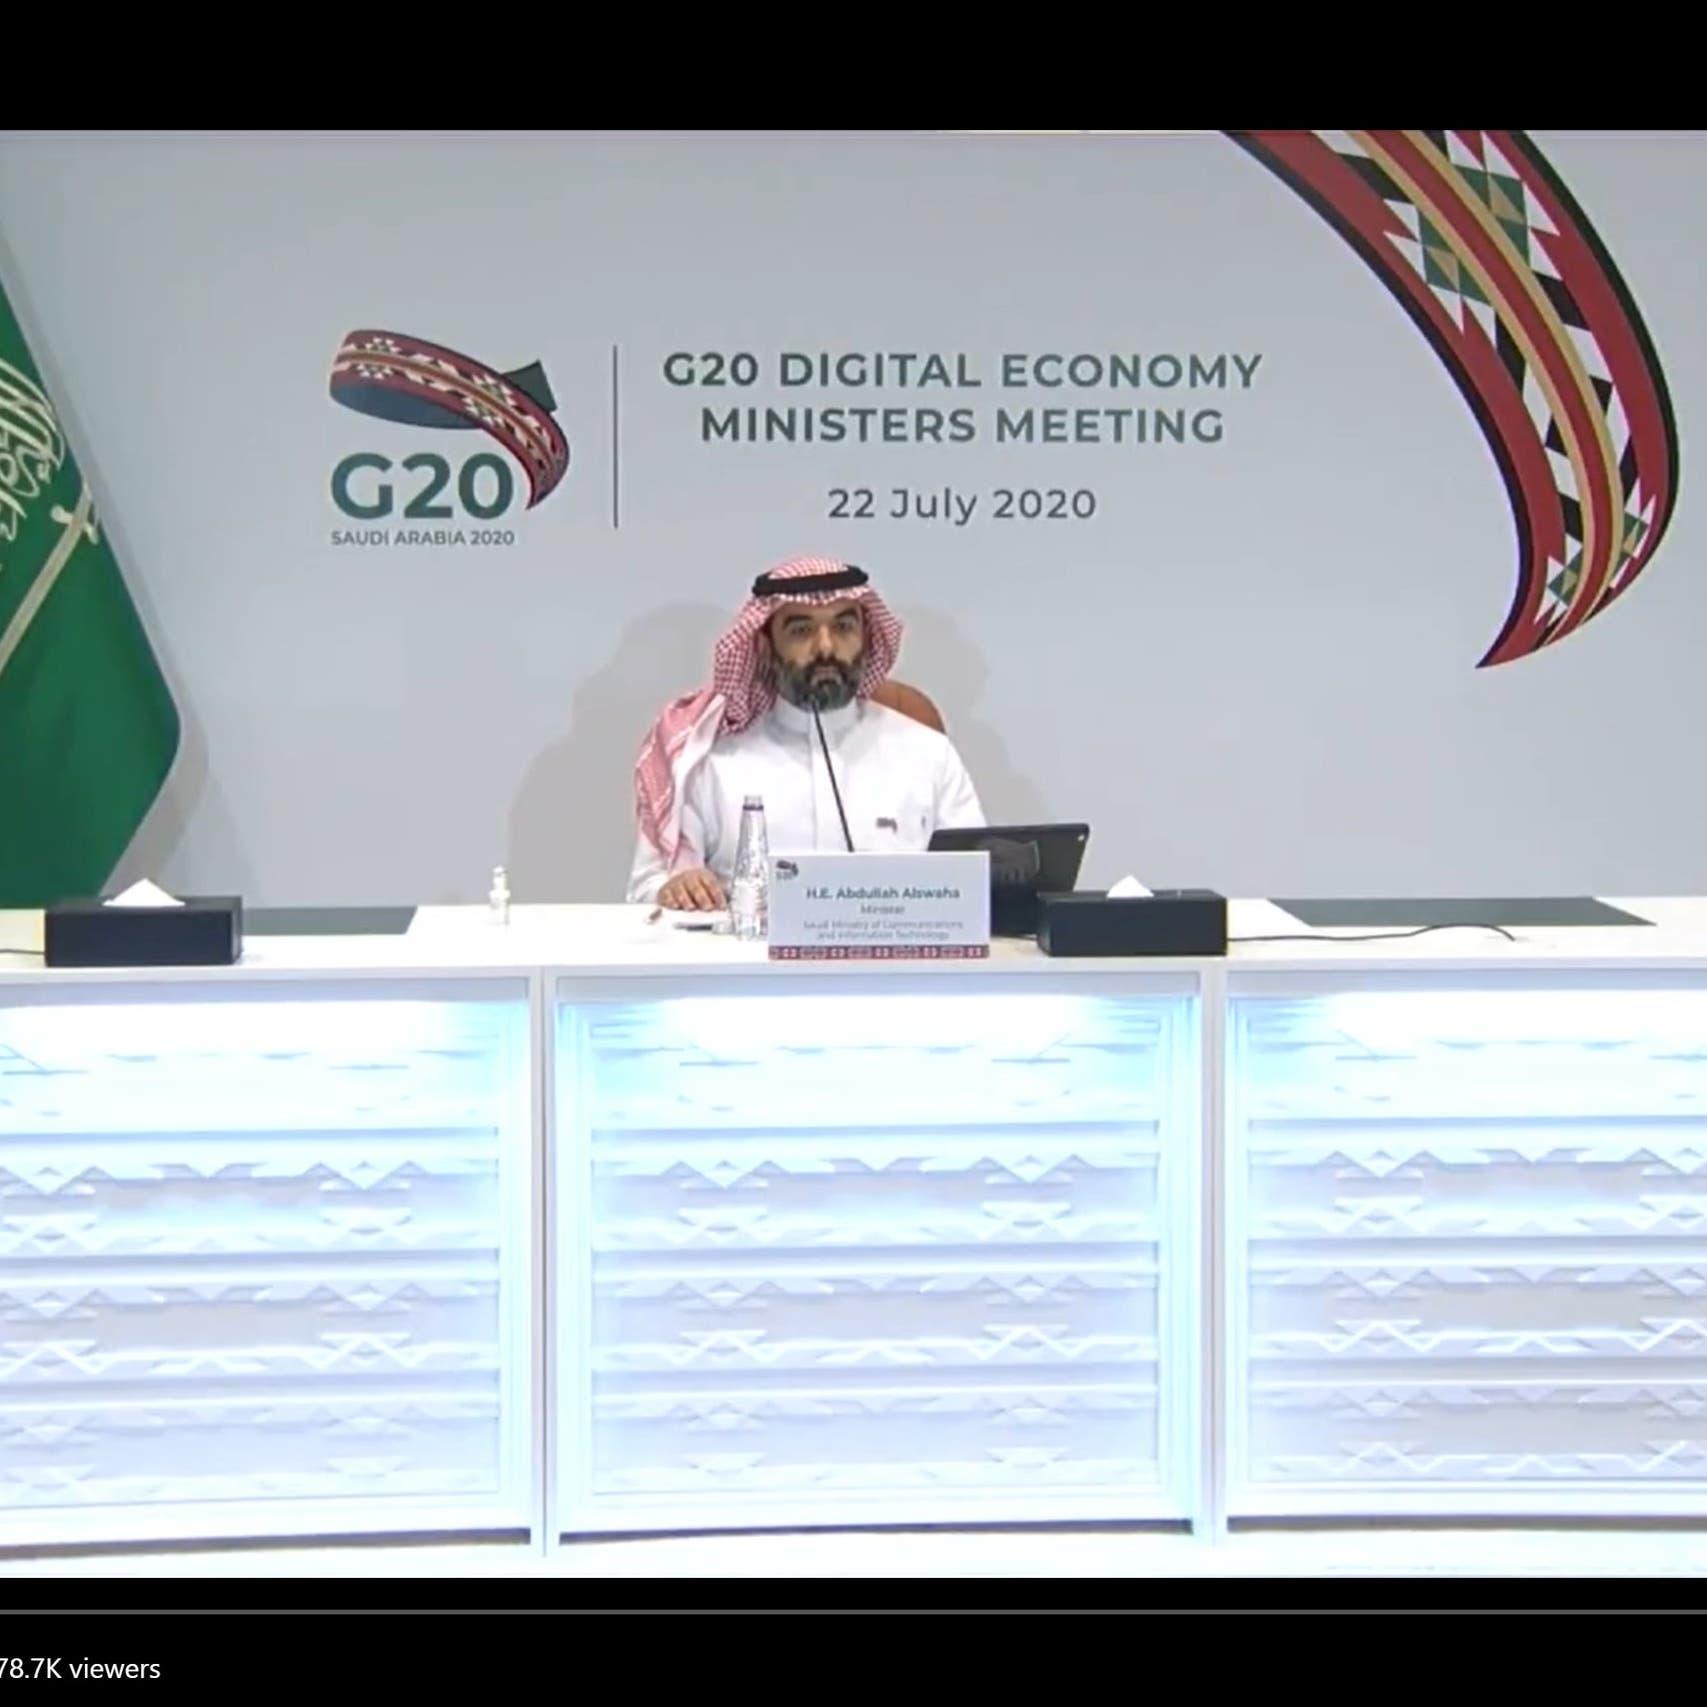 السعودية الرابعة عالمياً بتطوير شبكات الجيل الخامس